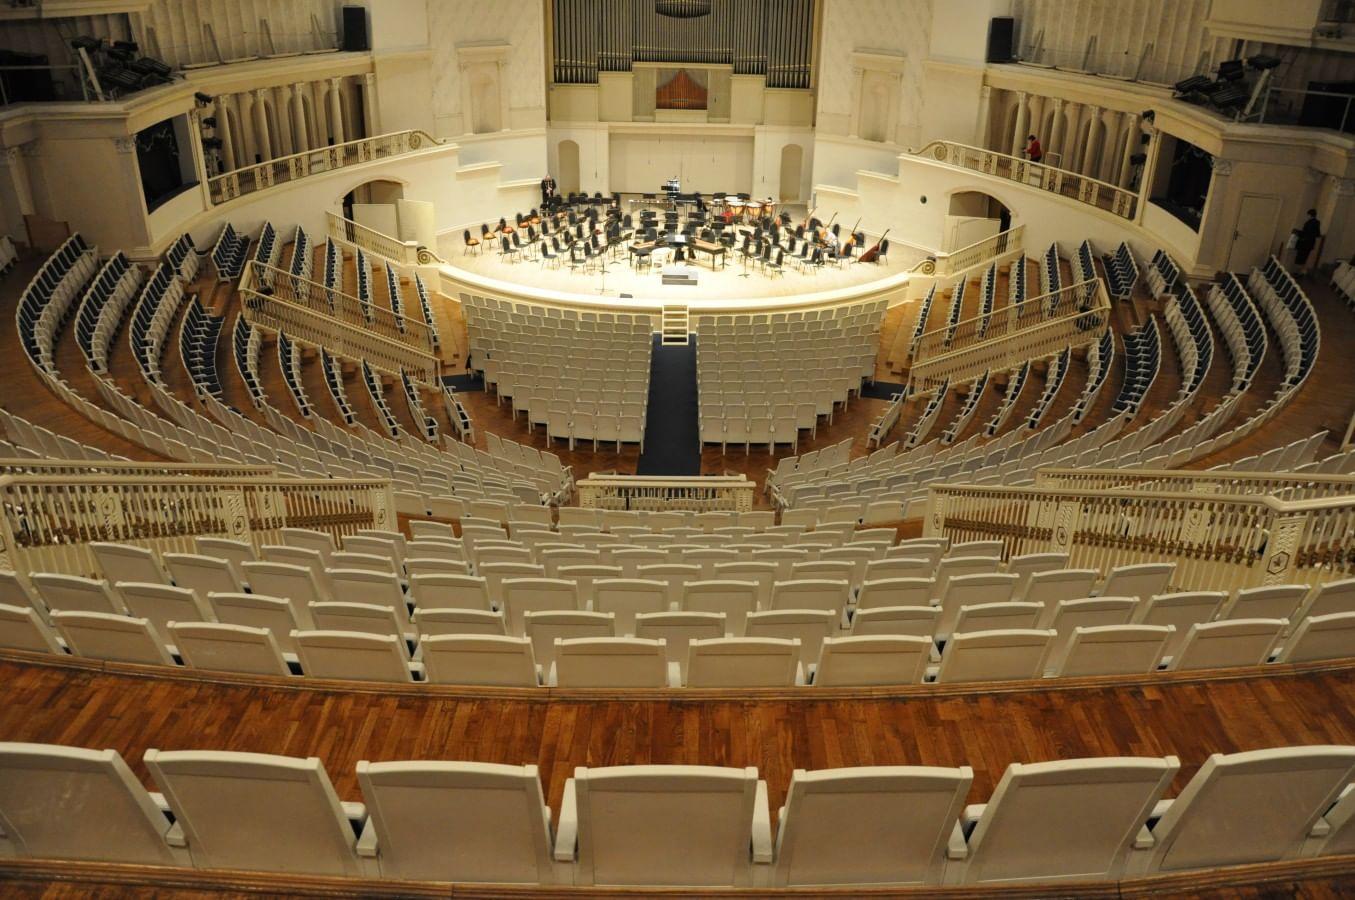 Концертный зал имени чайковского фото